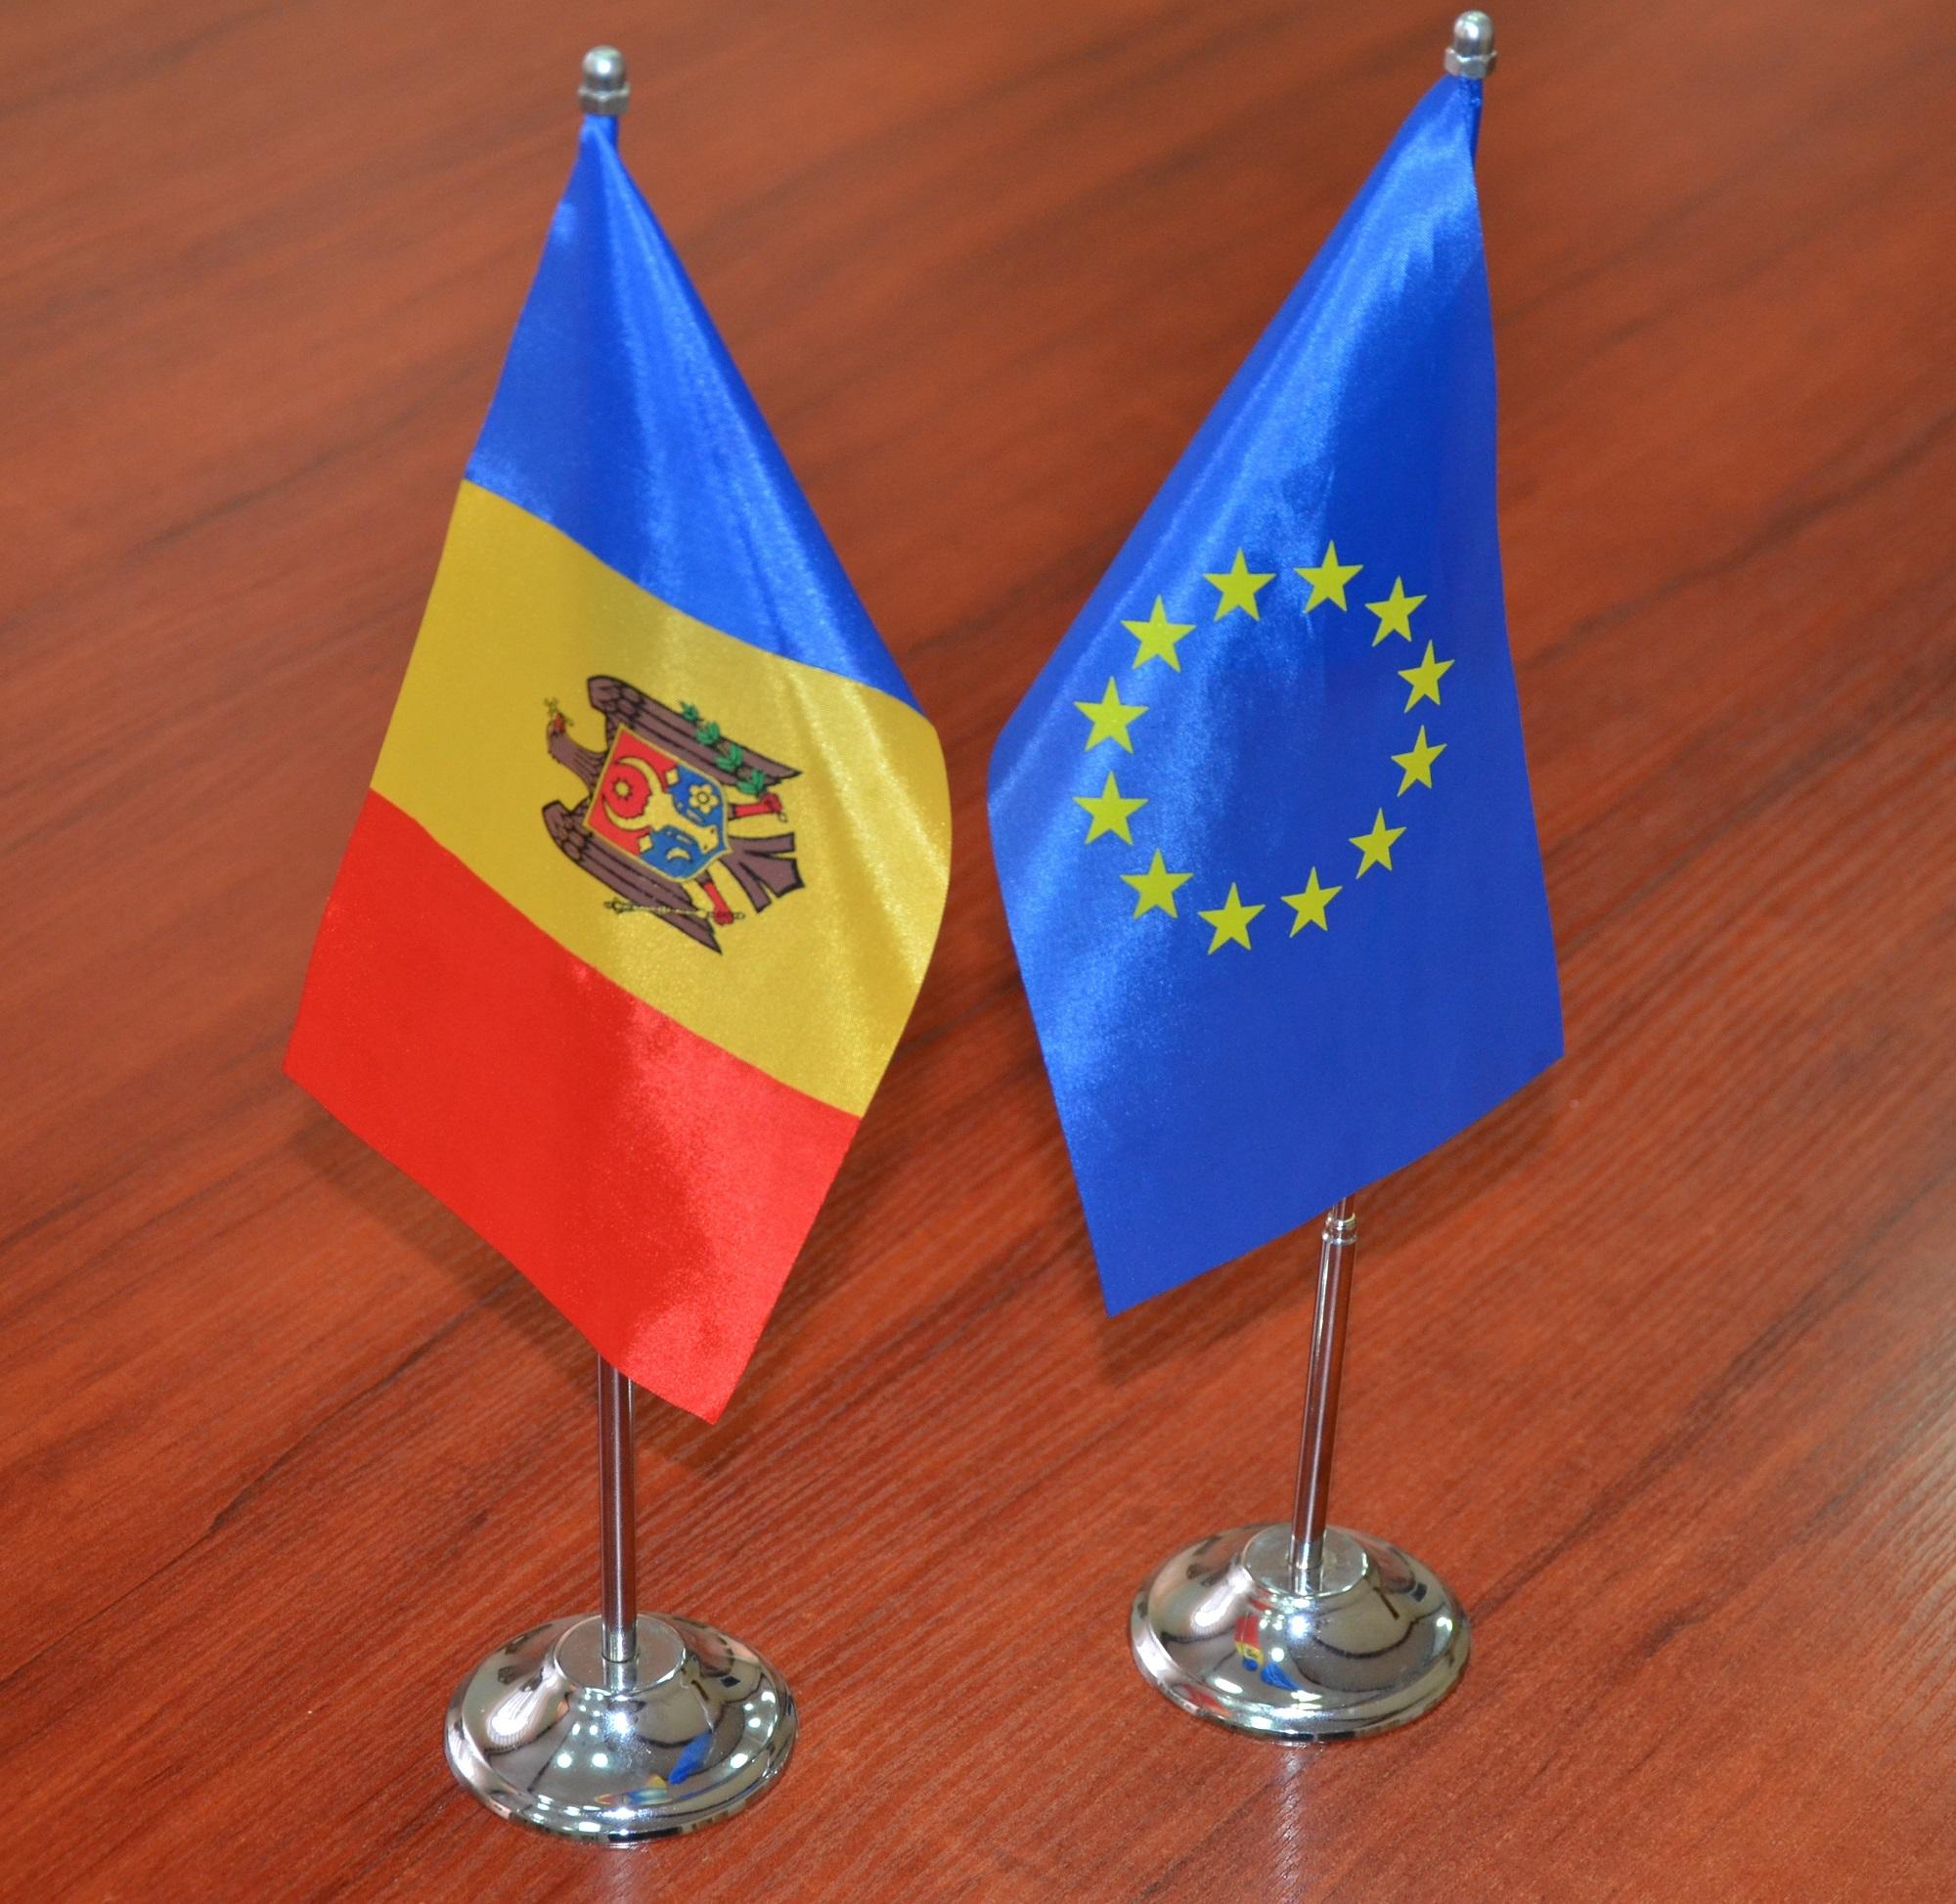 Directoarea Centrului de Armonizare a Legislației din RM, la discuții cu Agentul Guvernamental pentru Curtea de Justiție a UE